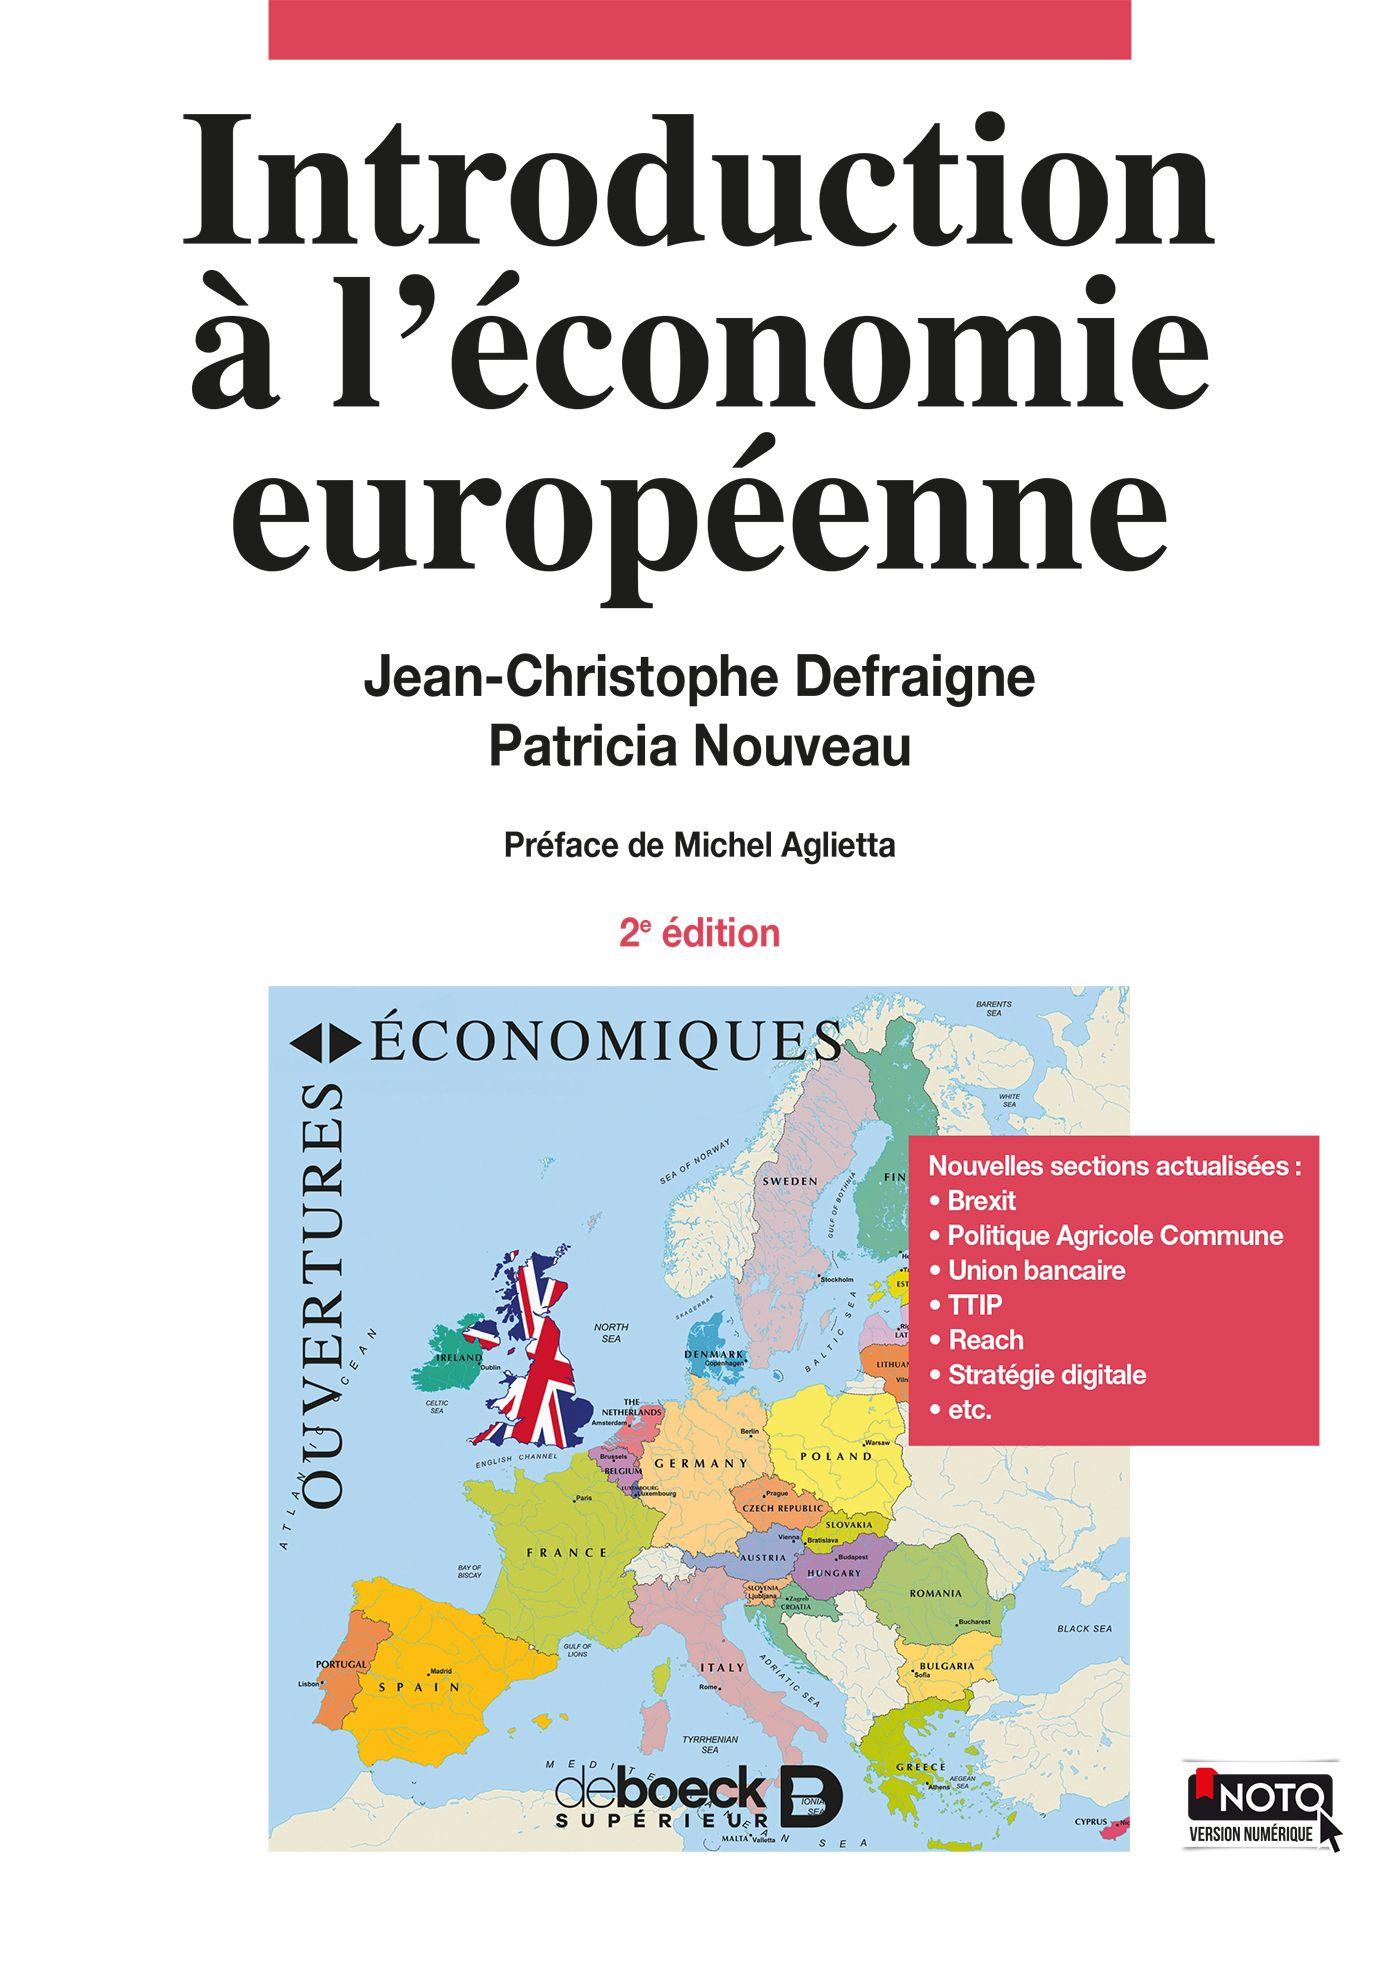 Introduction A L Economie Europeenne De Jean Christophe Dufraigne Et Patricia Nouveau Cote 5 3101 Def Economie Preface Jean Christophe